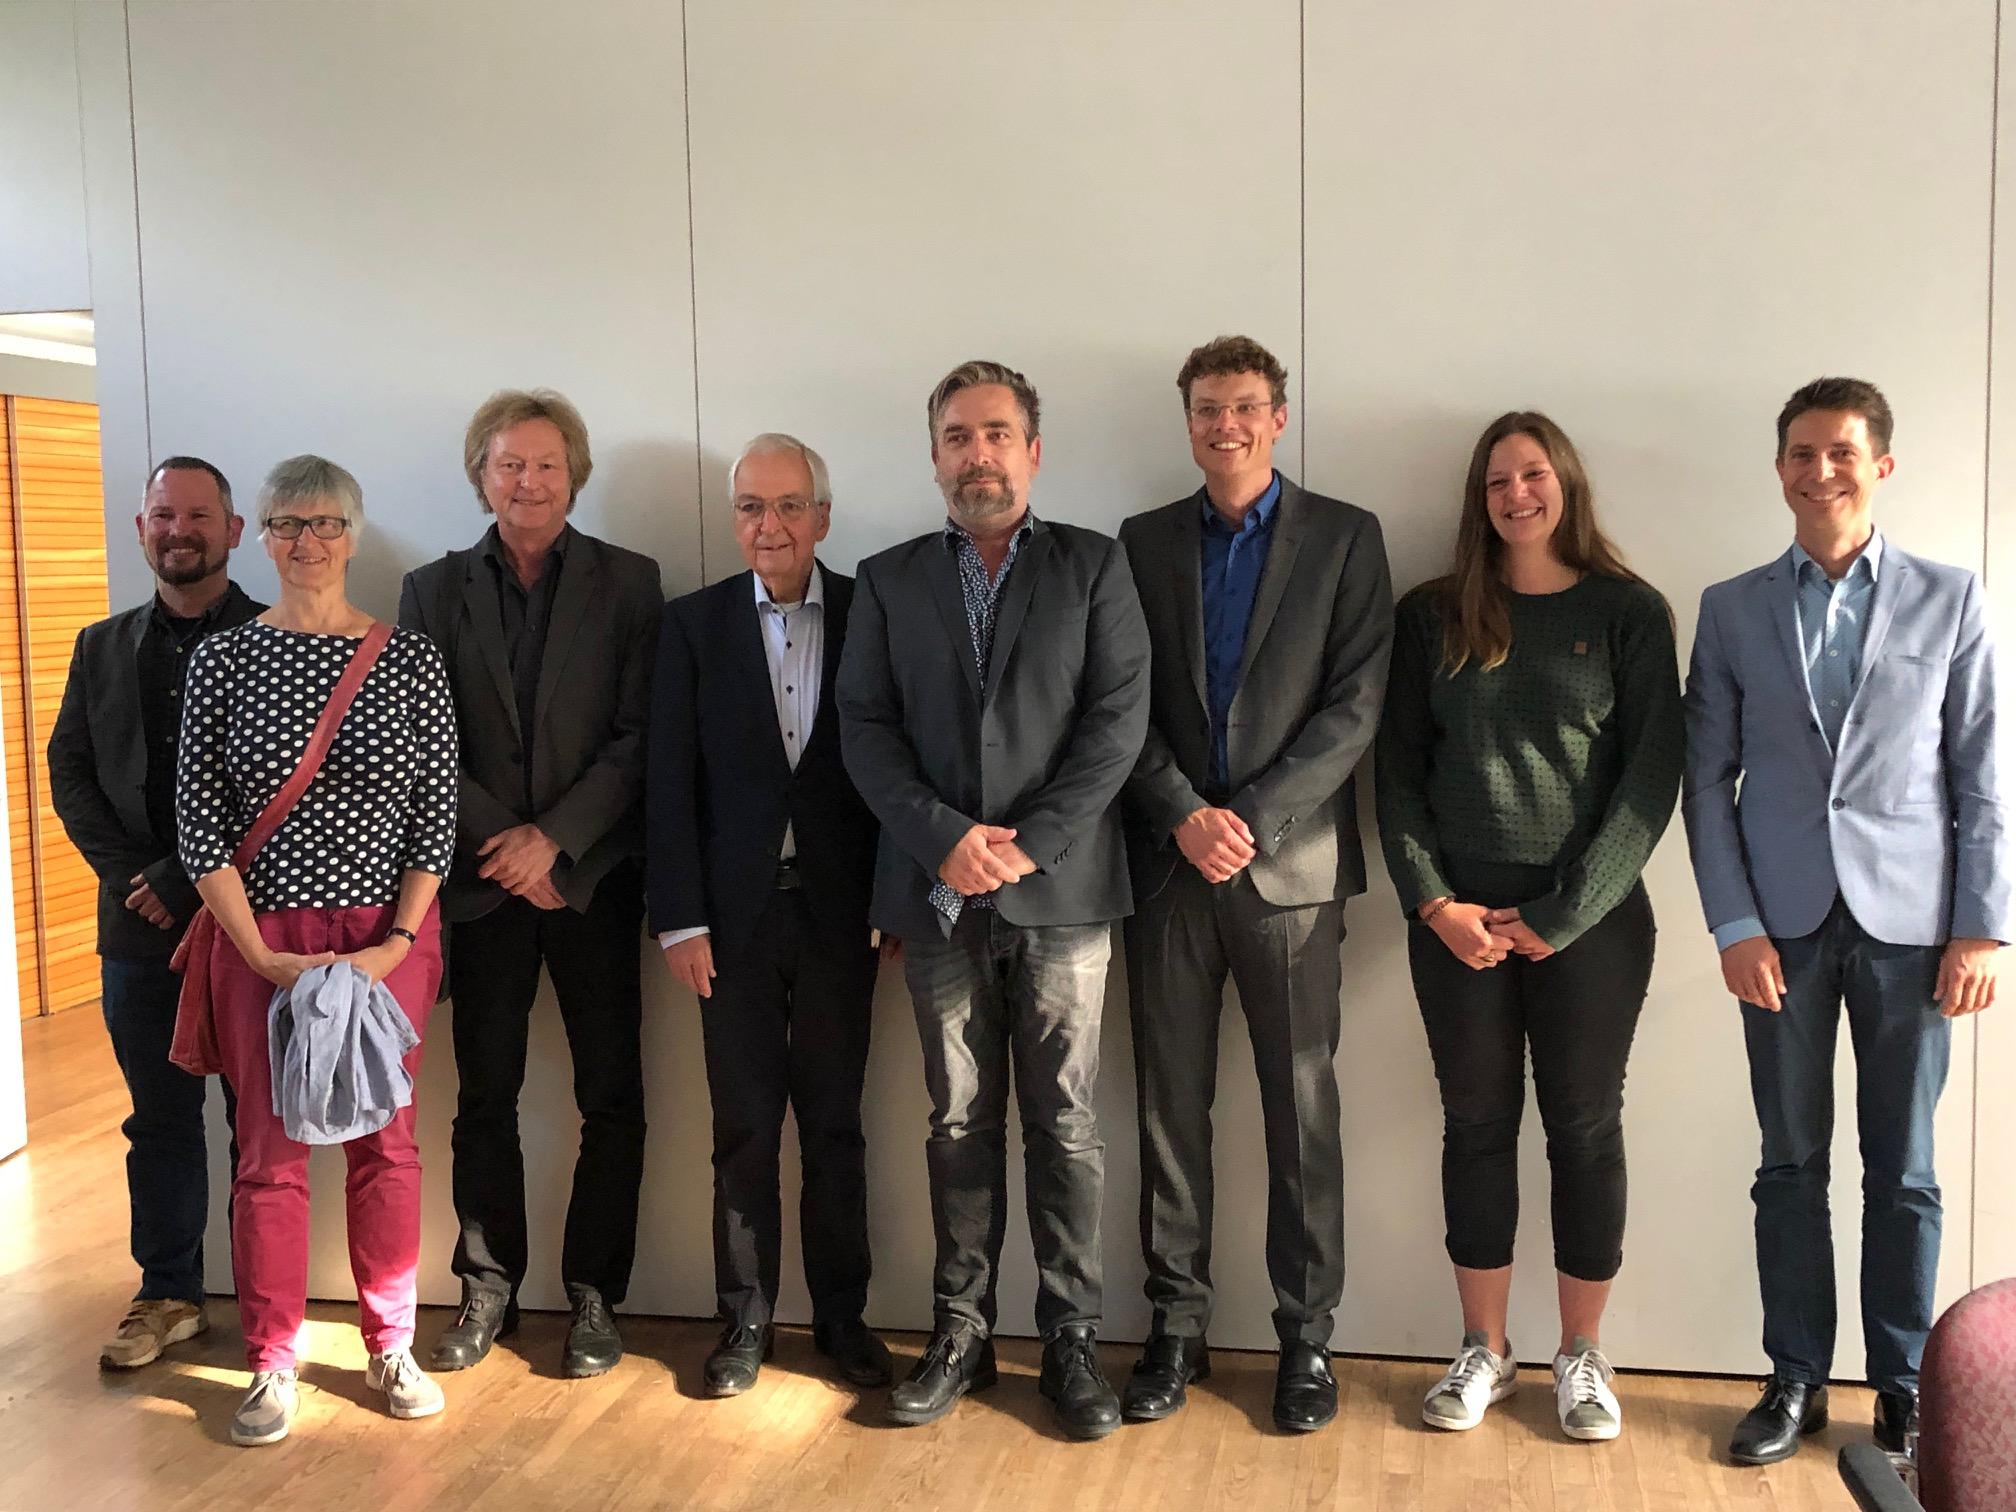 Successful Interim Evaluation of the Klaus Töpfer Junior Professorship